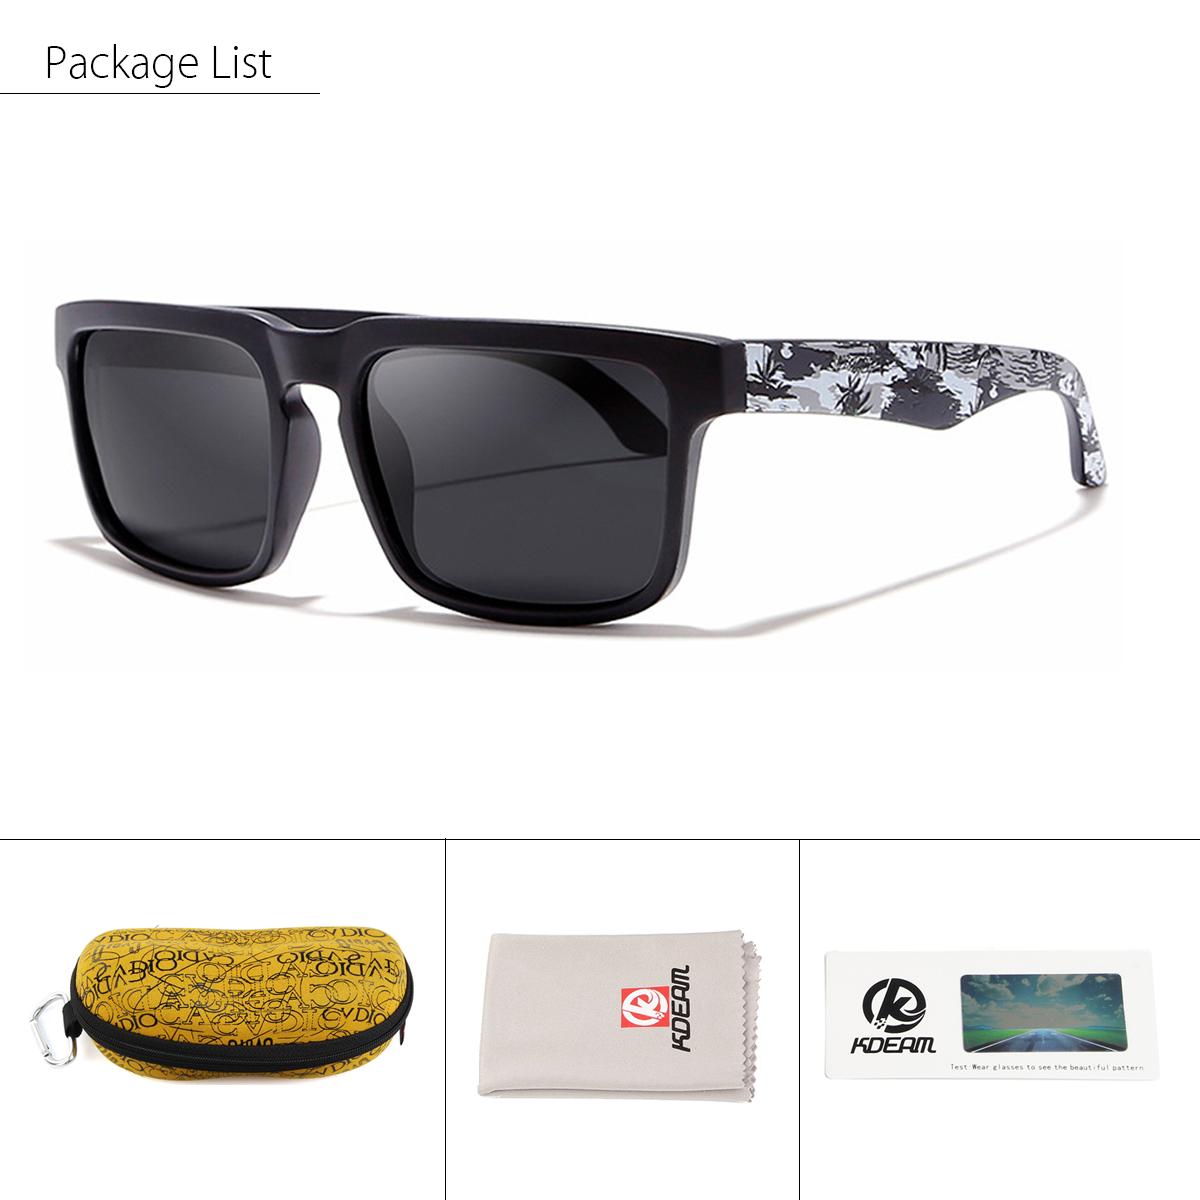 e62d89c997 kdeam kd2501 polarized sunglasses men women uv400 square frame sun ...